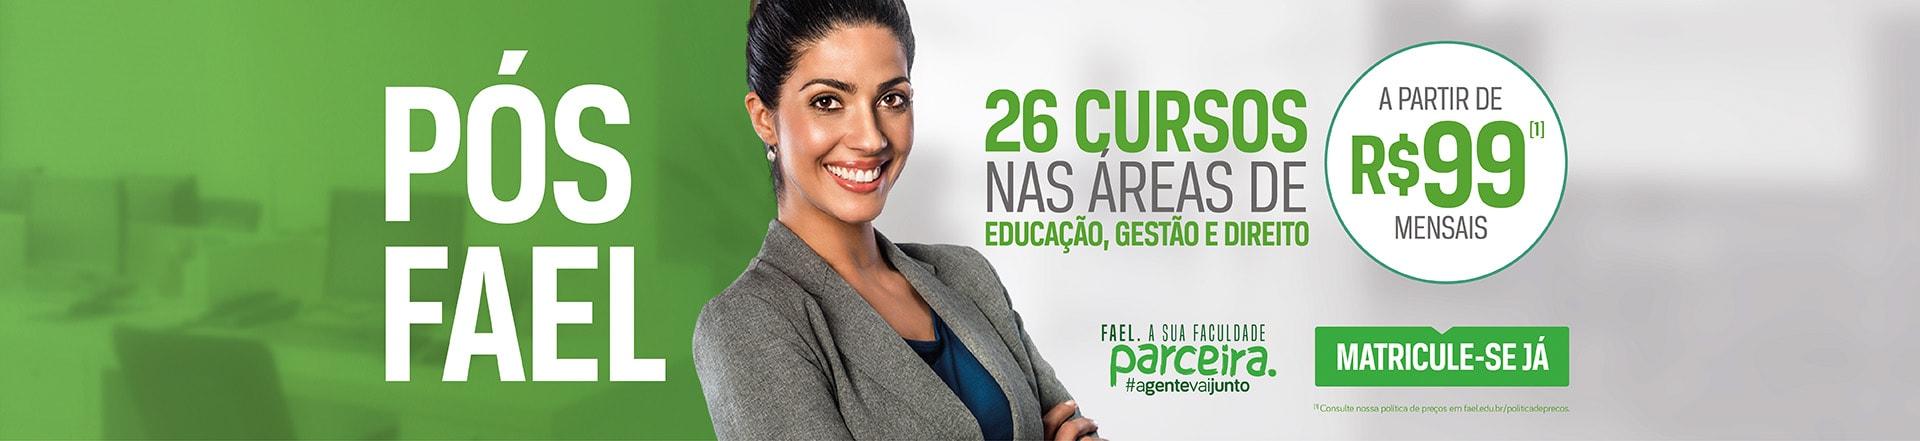 POS FAEL - 26 cursos nas áreas de Educação, Gestão e Direito